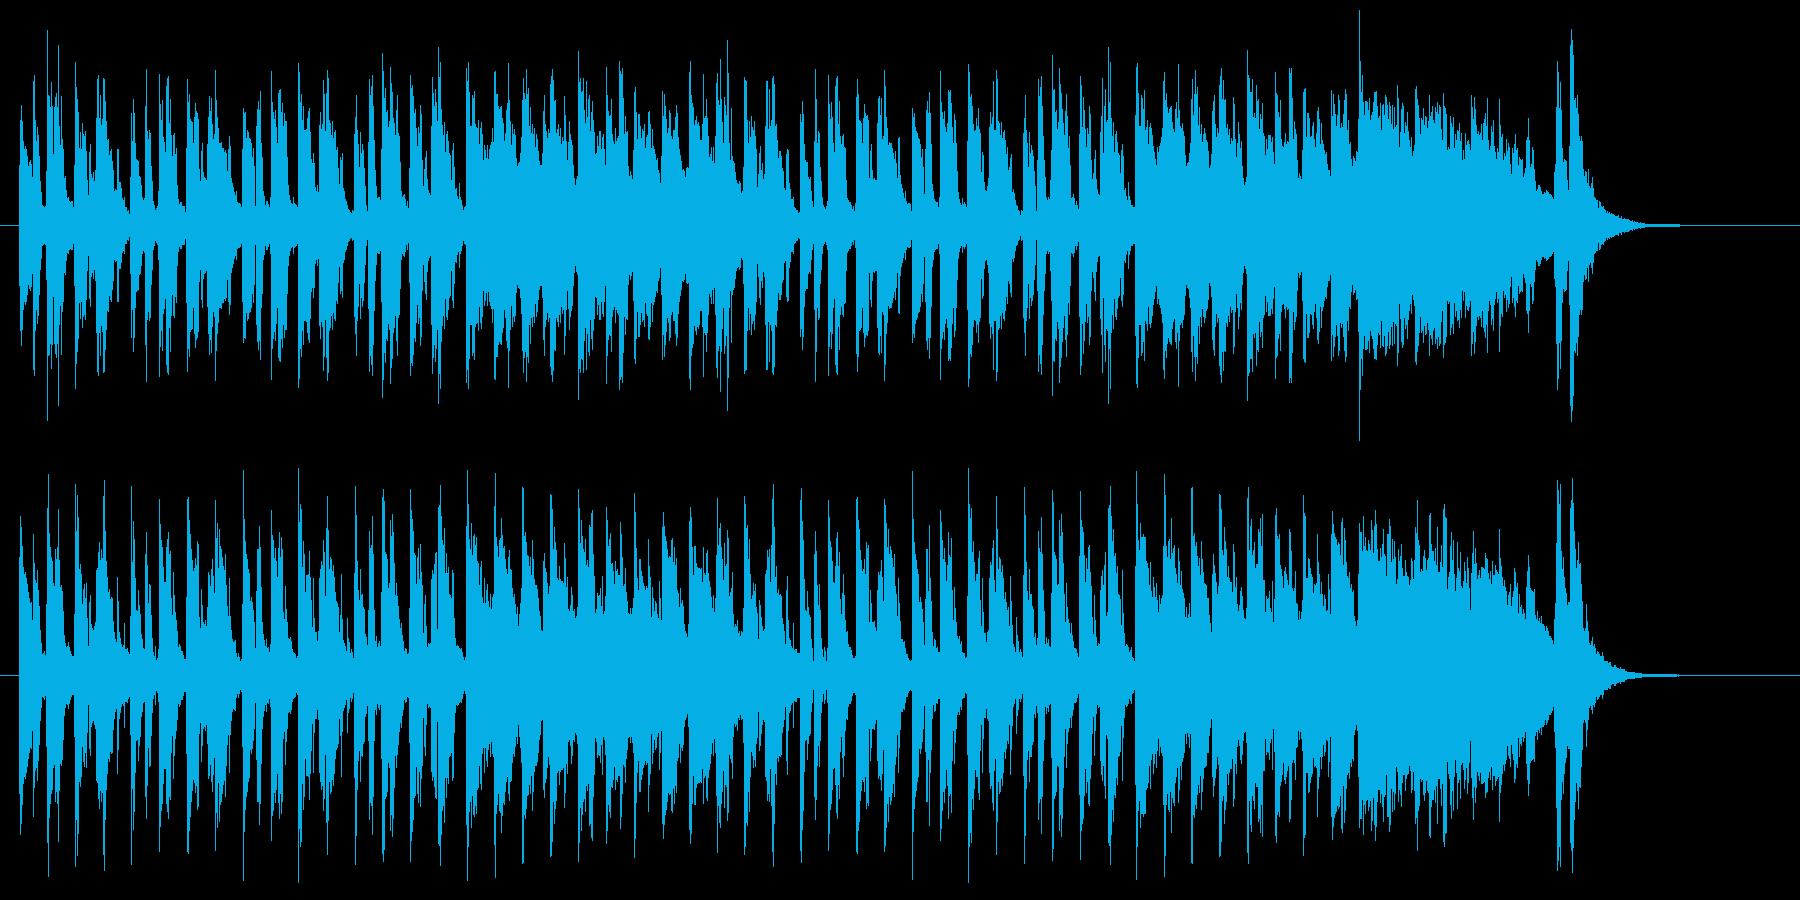 軽快なストリングスのサンバの再生済みの波形